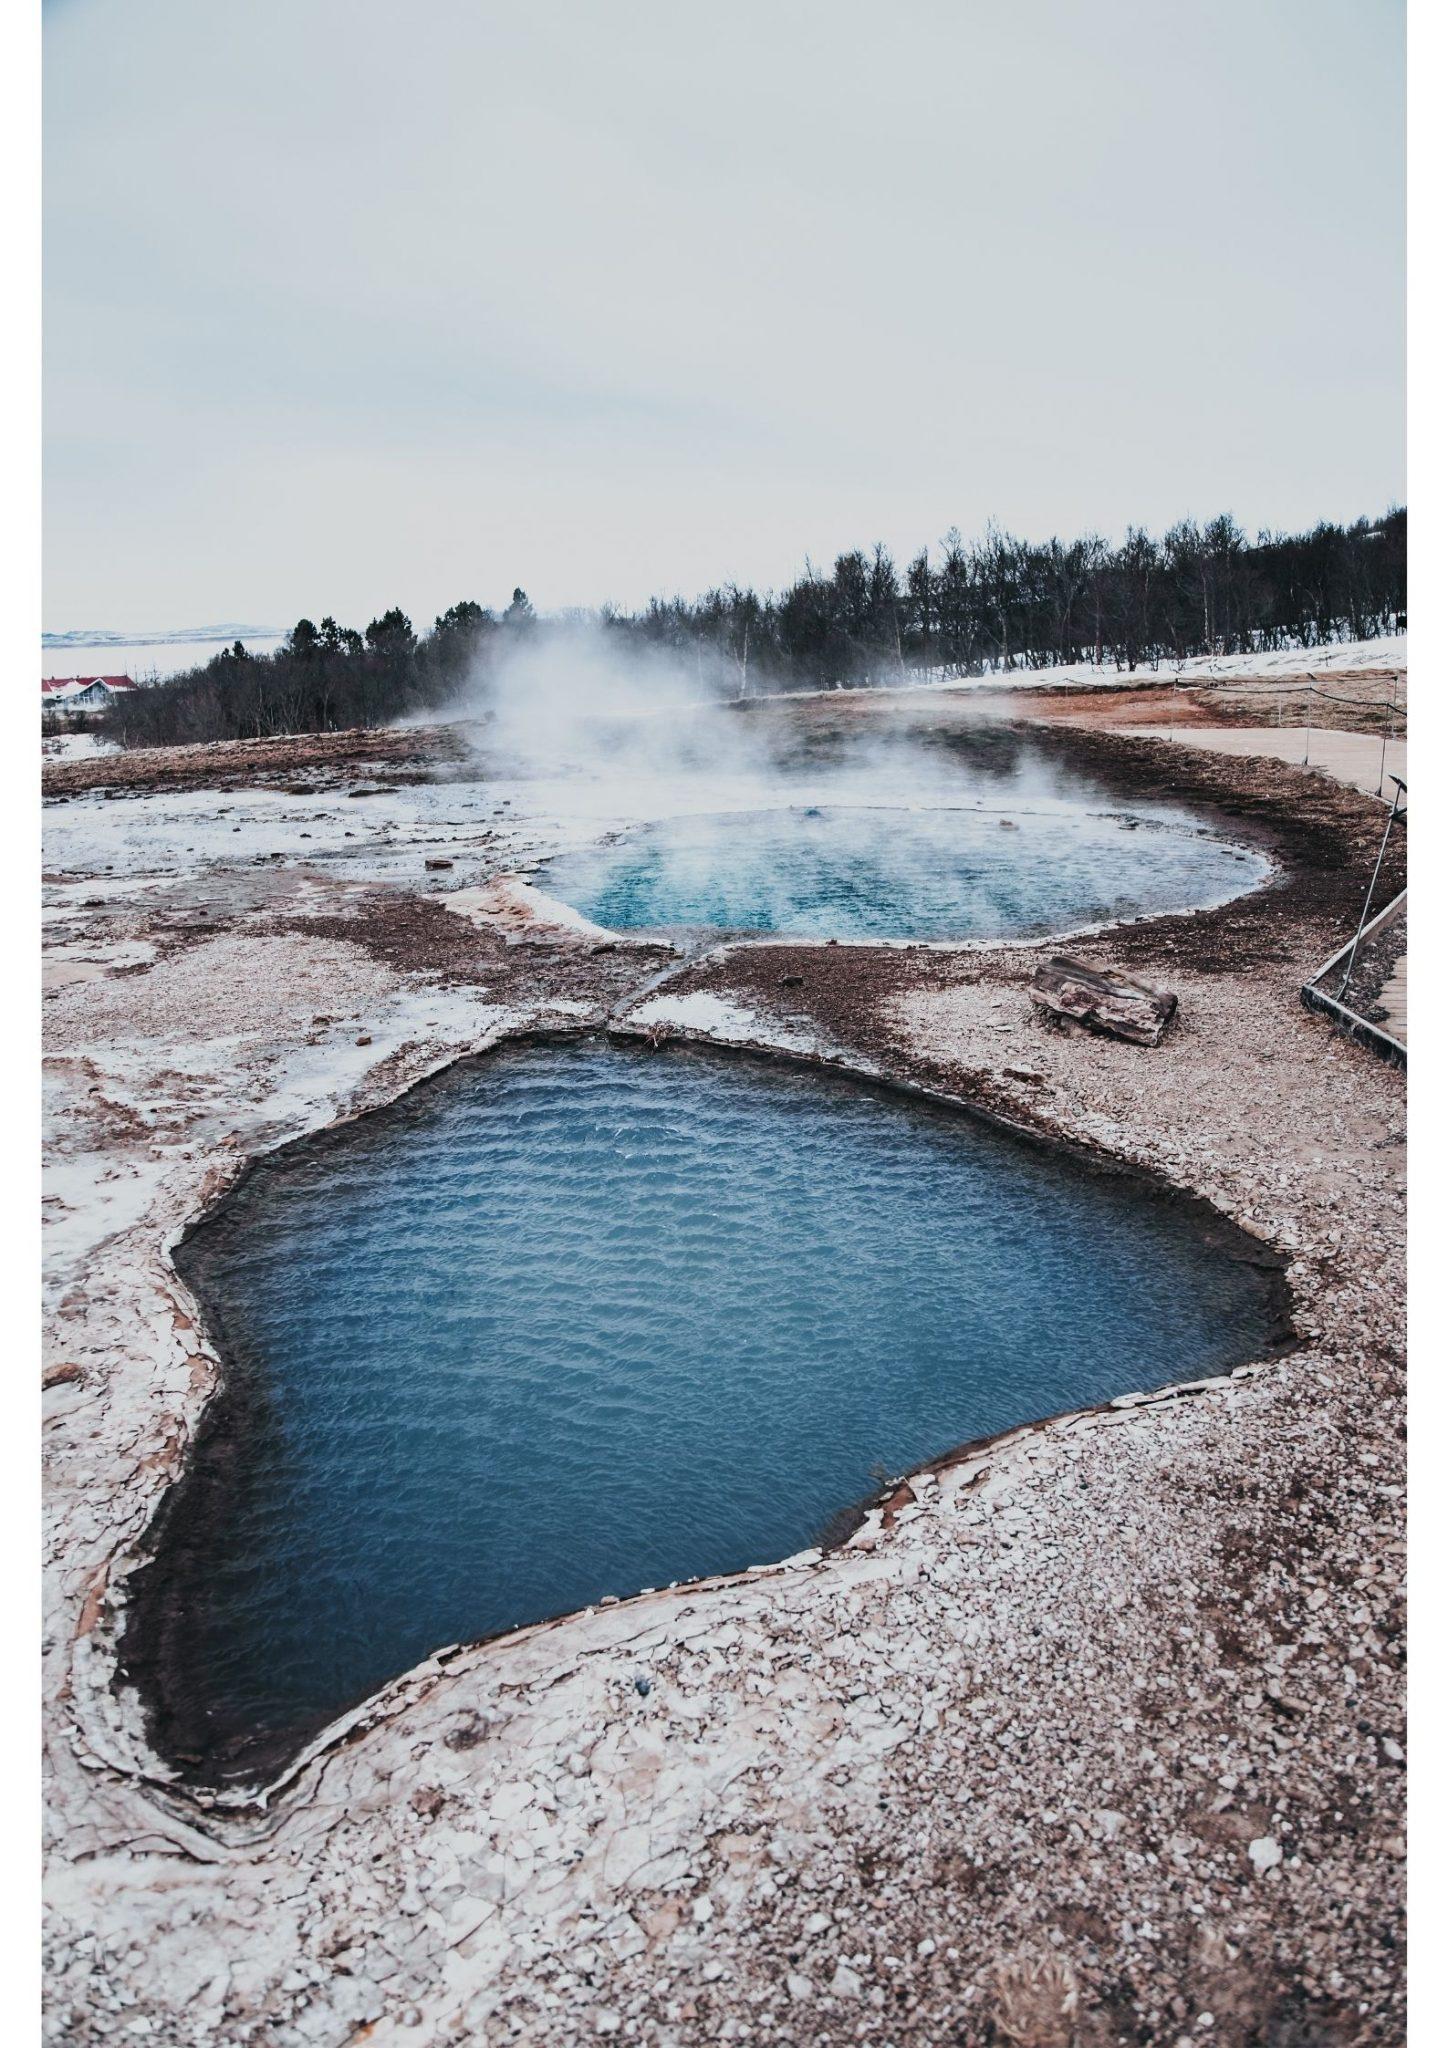 Wasserquelle, Gestein, Mineralwasser